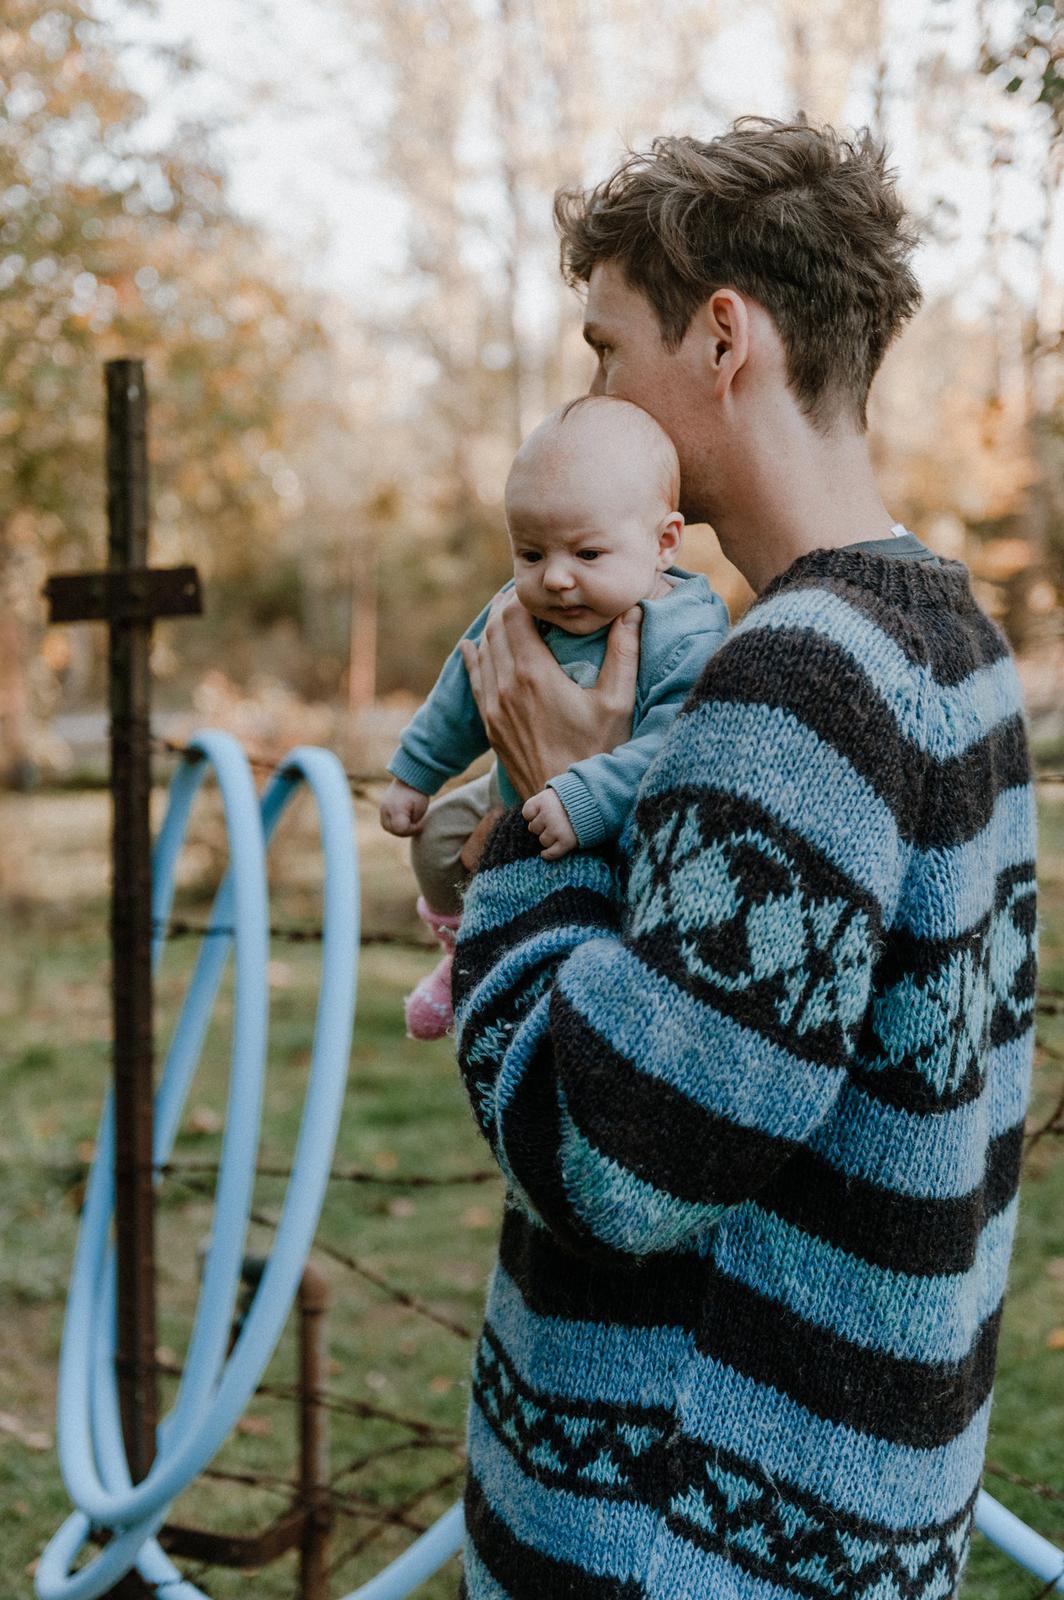 Rodinné focení s malou Žofkou 😍 - Obrázek č. 9